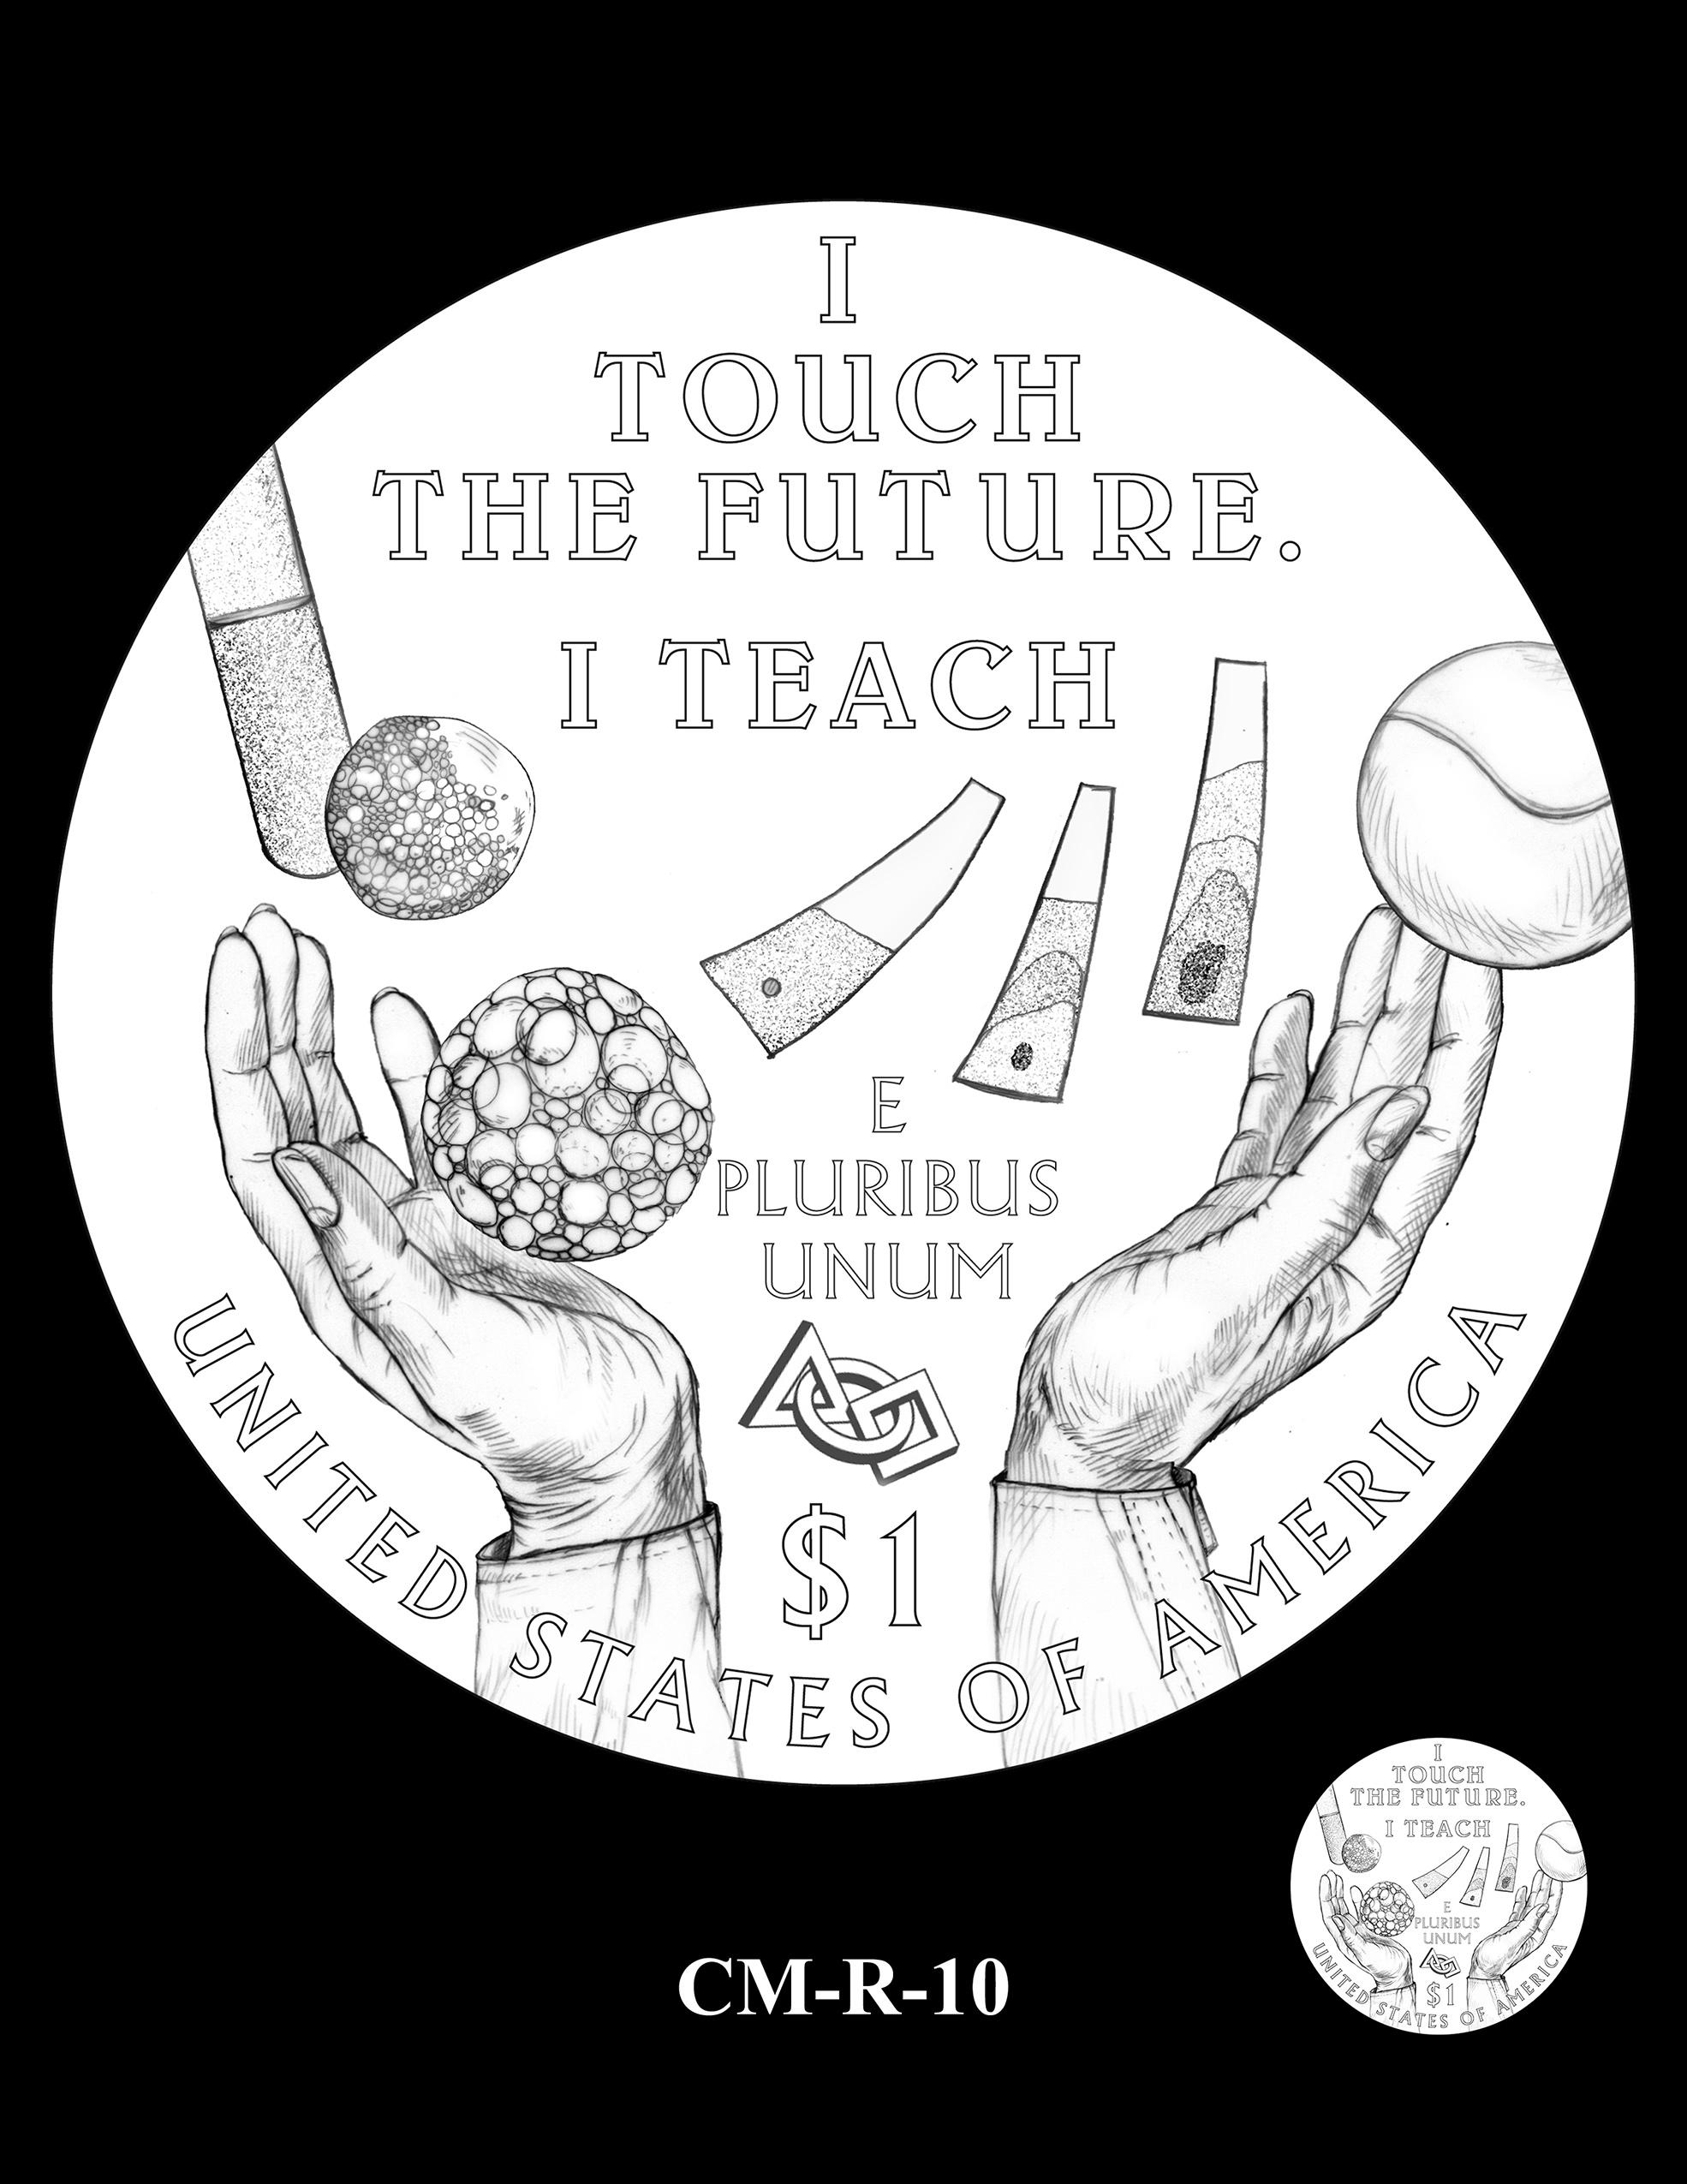 CM-R-10 -- 2021 Christa McAuliffe Commemorative Coin